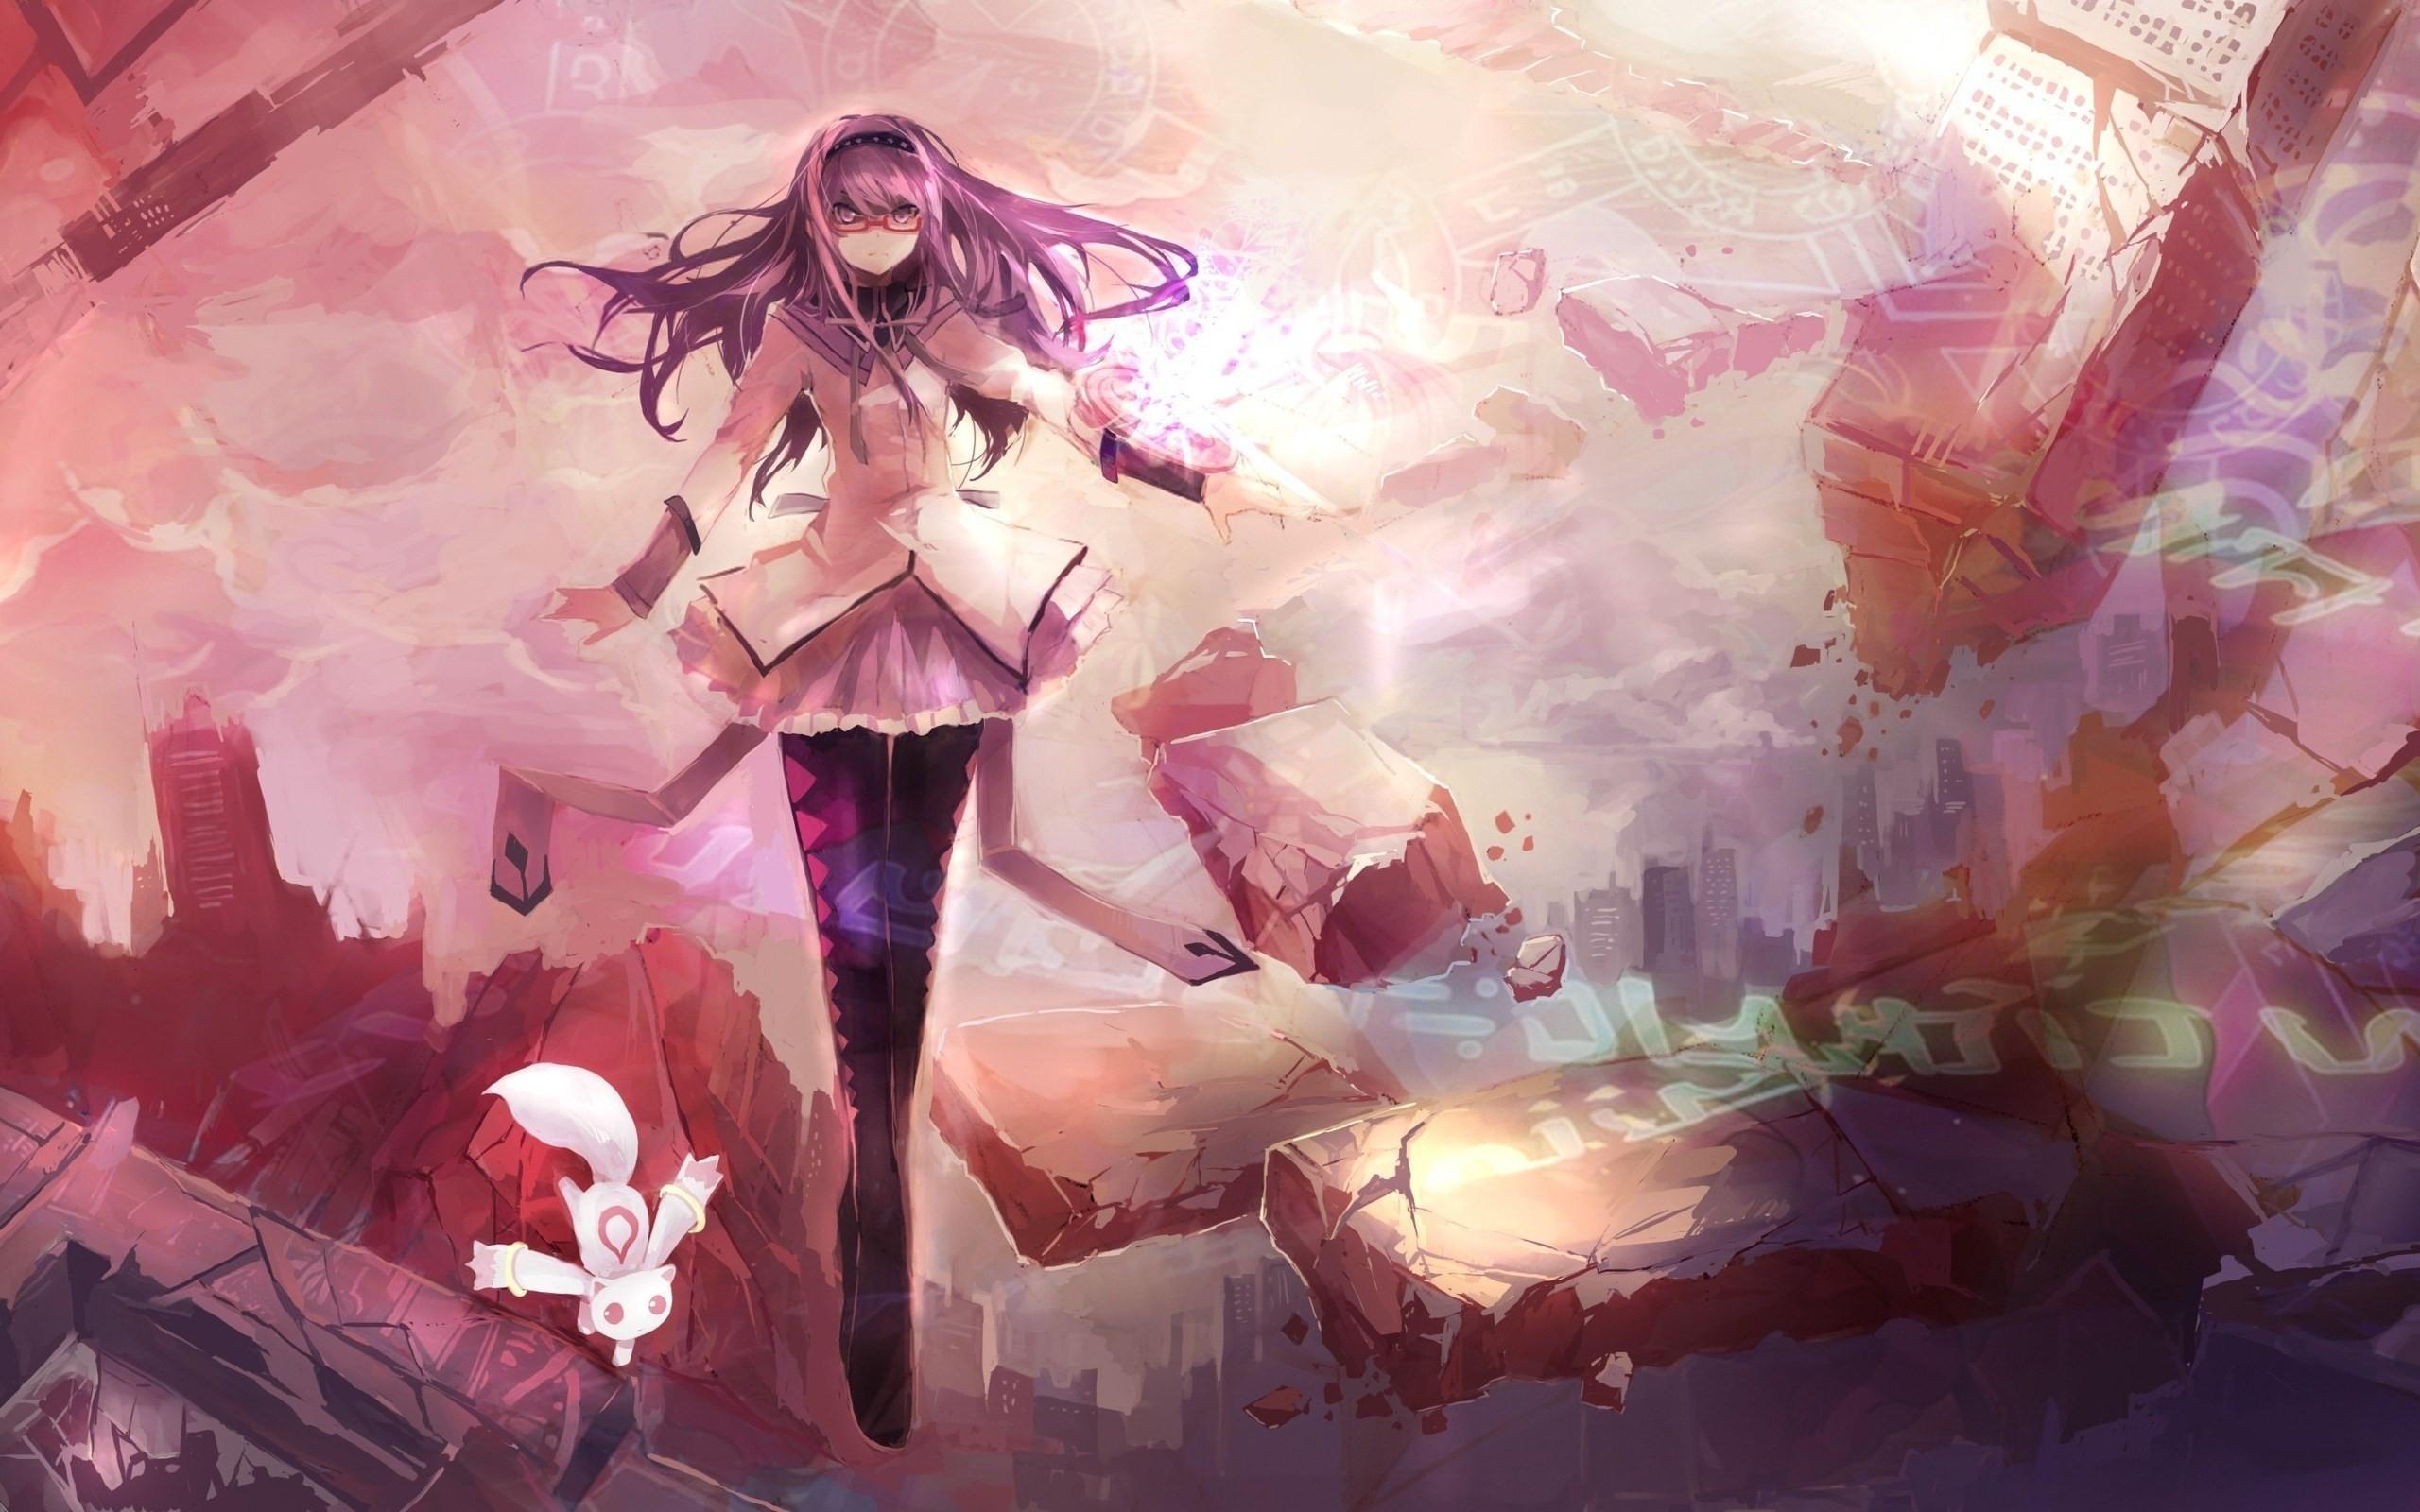 … anime-art-girl-cat-wallpaper-2560×1600